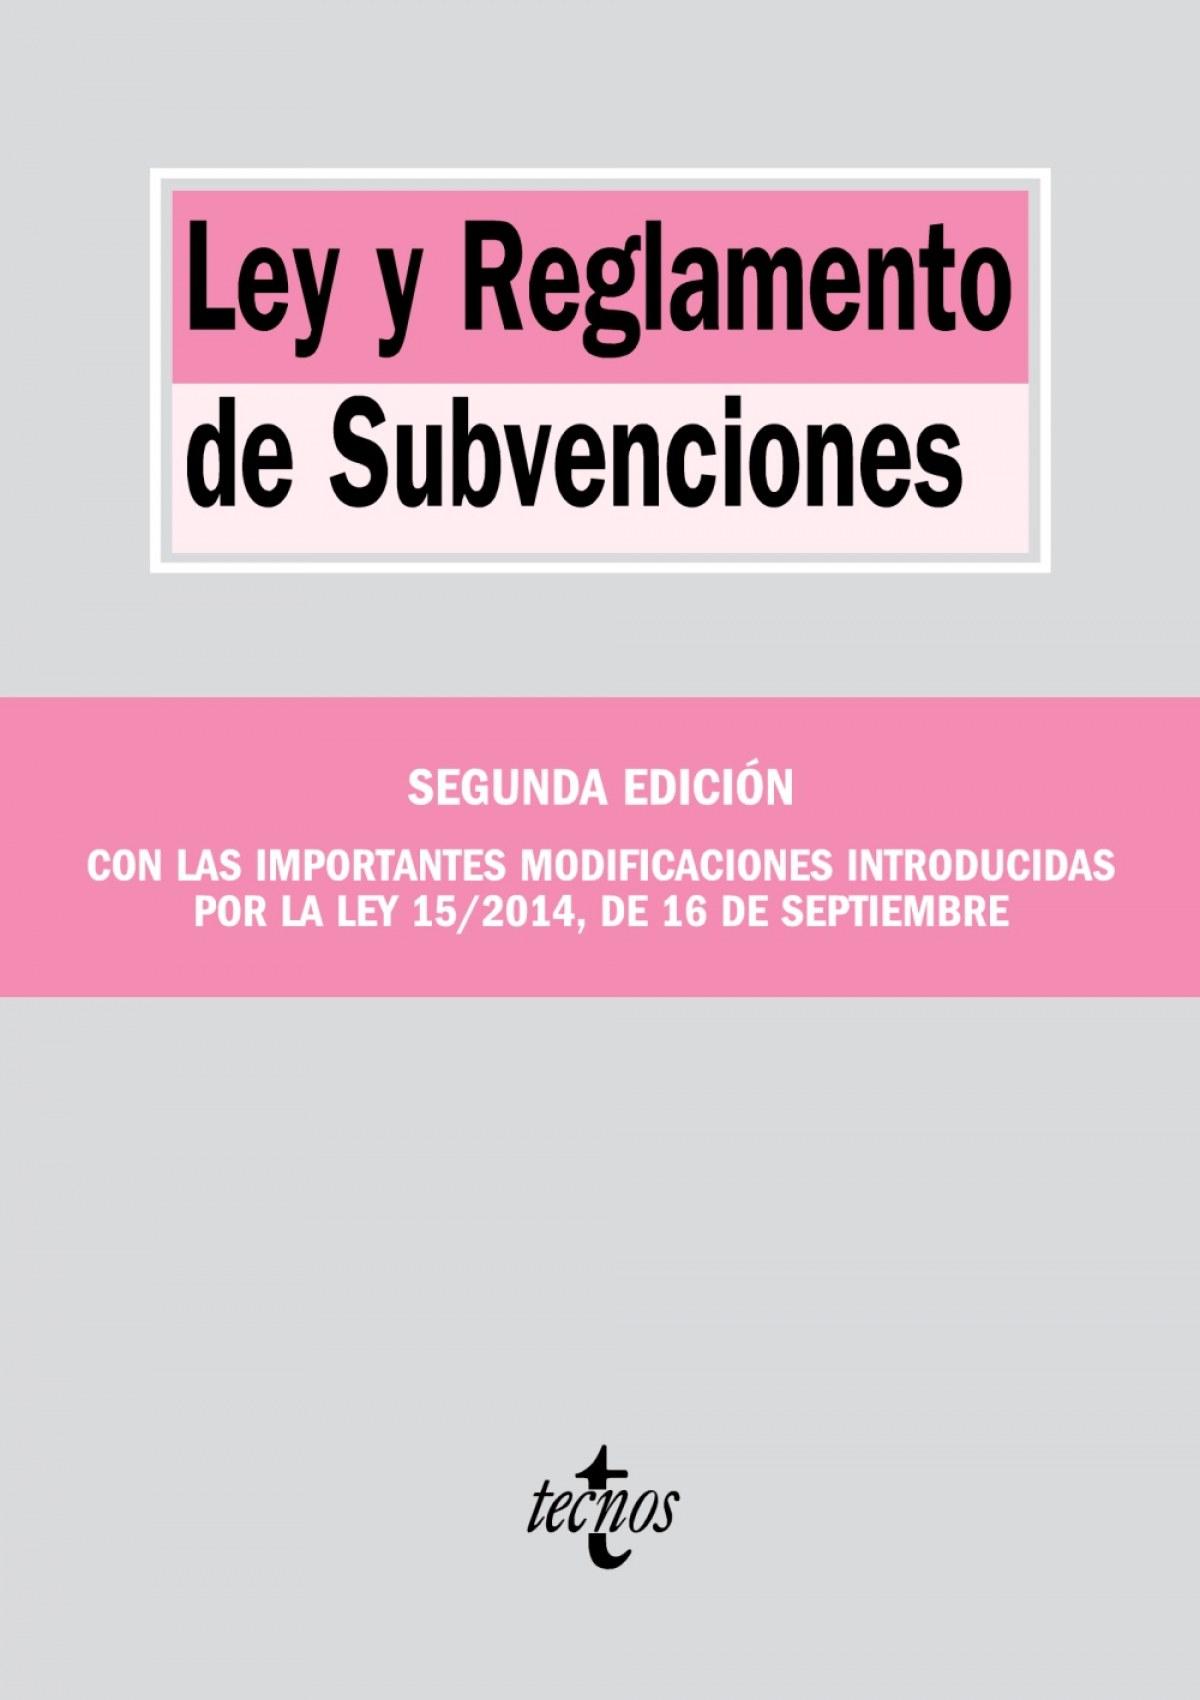 Ley y reglamento de subvenciones